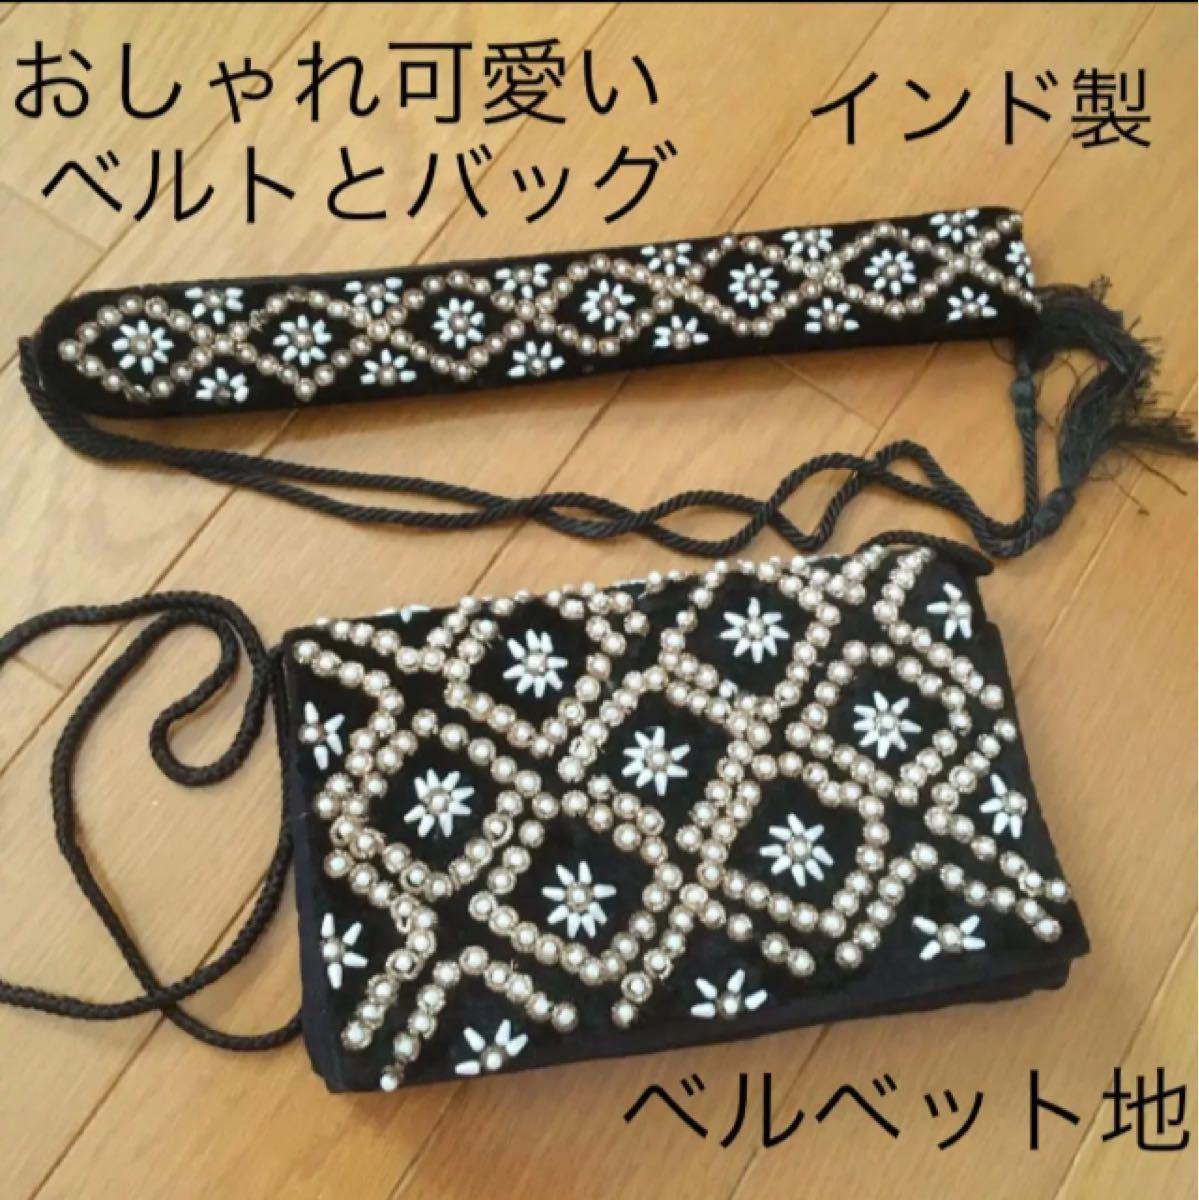 パーティーバッグ ベルベットバッグ ベルト ショルダーバッグ クラッチバッグ インド製 アクセサリー 小物 バッグ パール 真珠